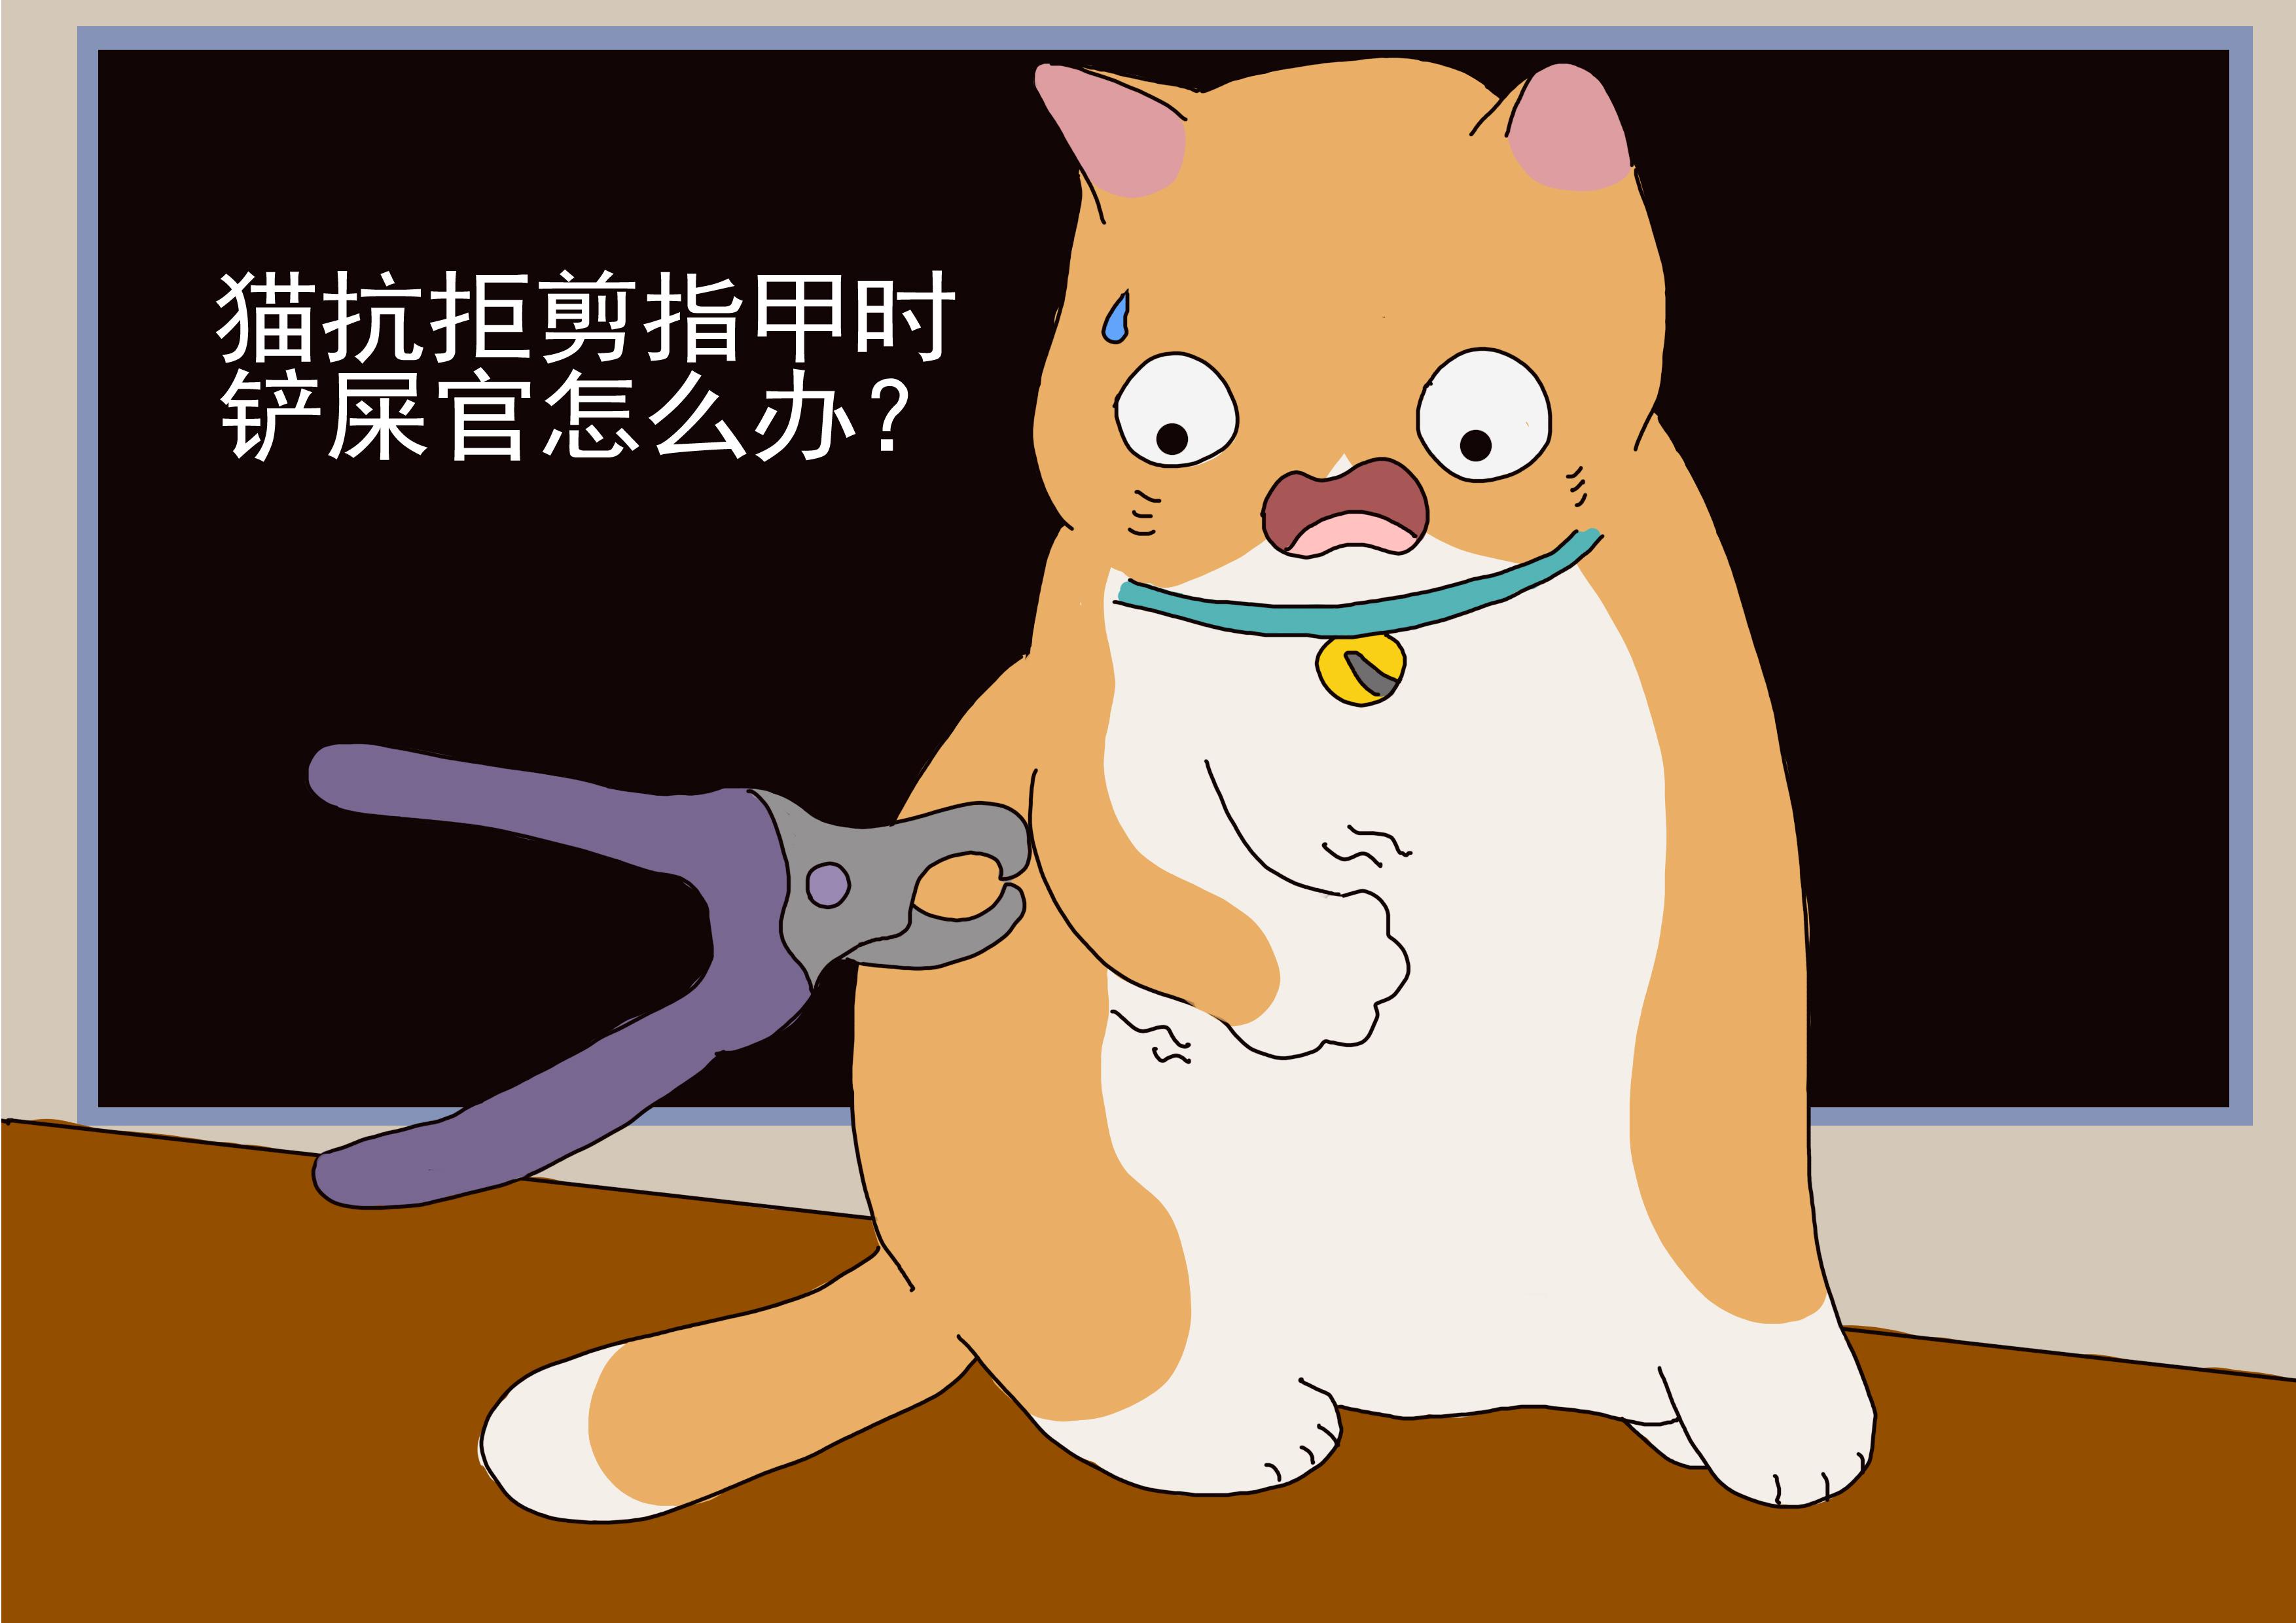 猫抗拒剪指甲时,铲屎官可以做3件事